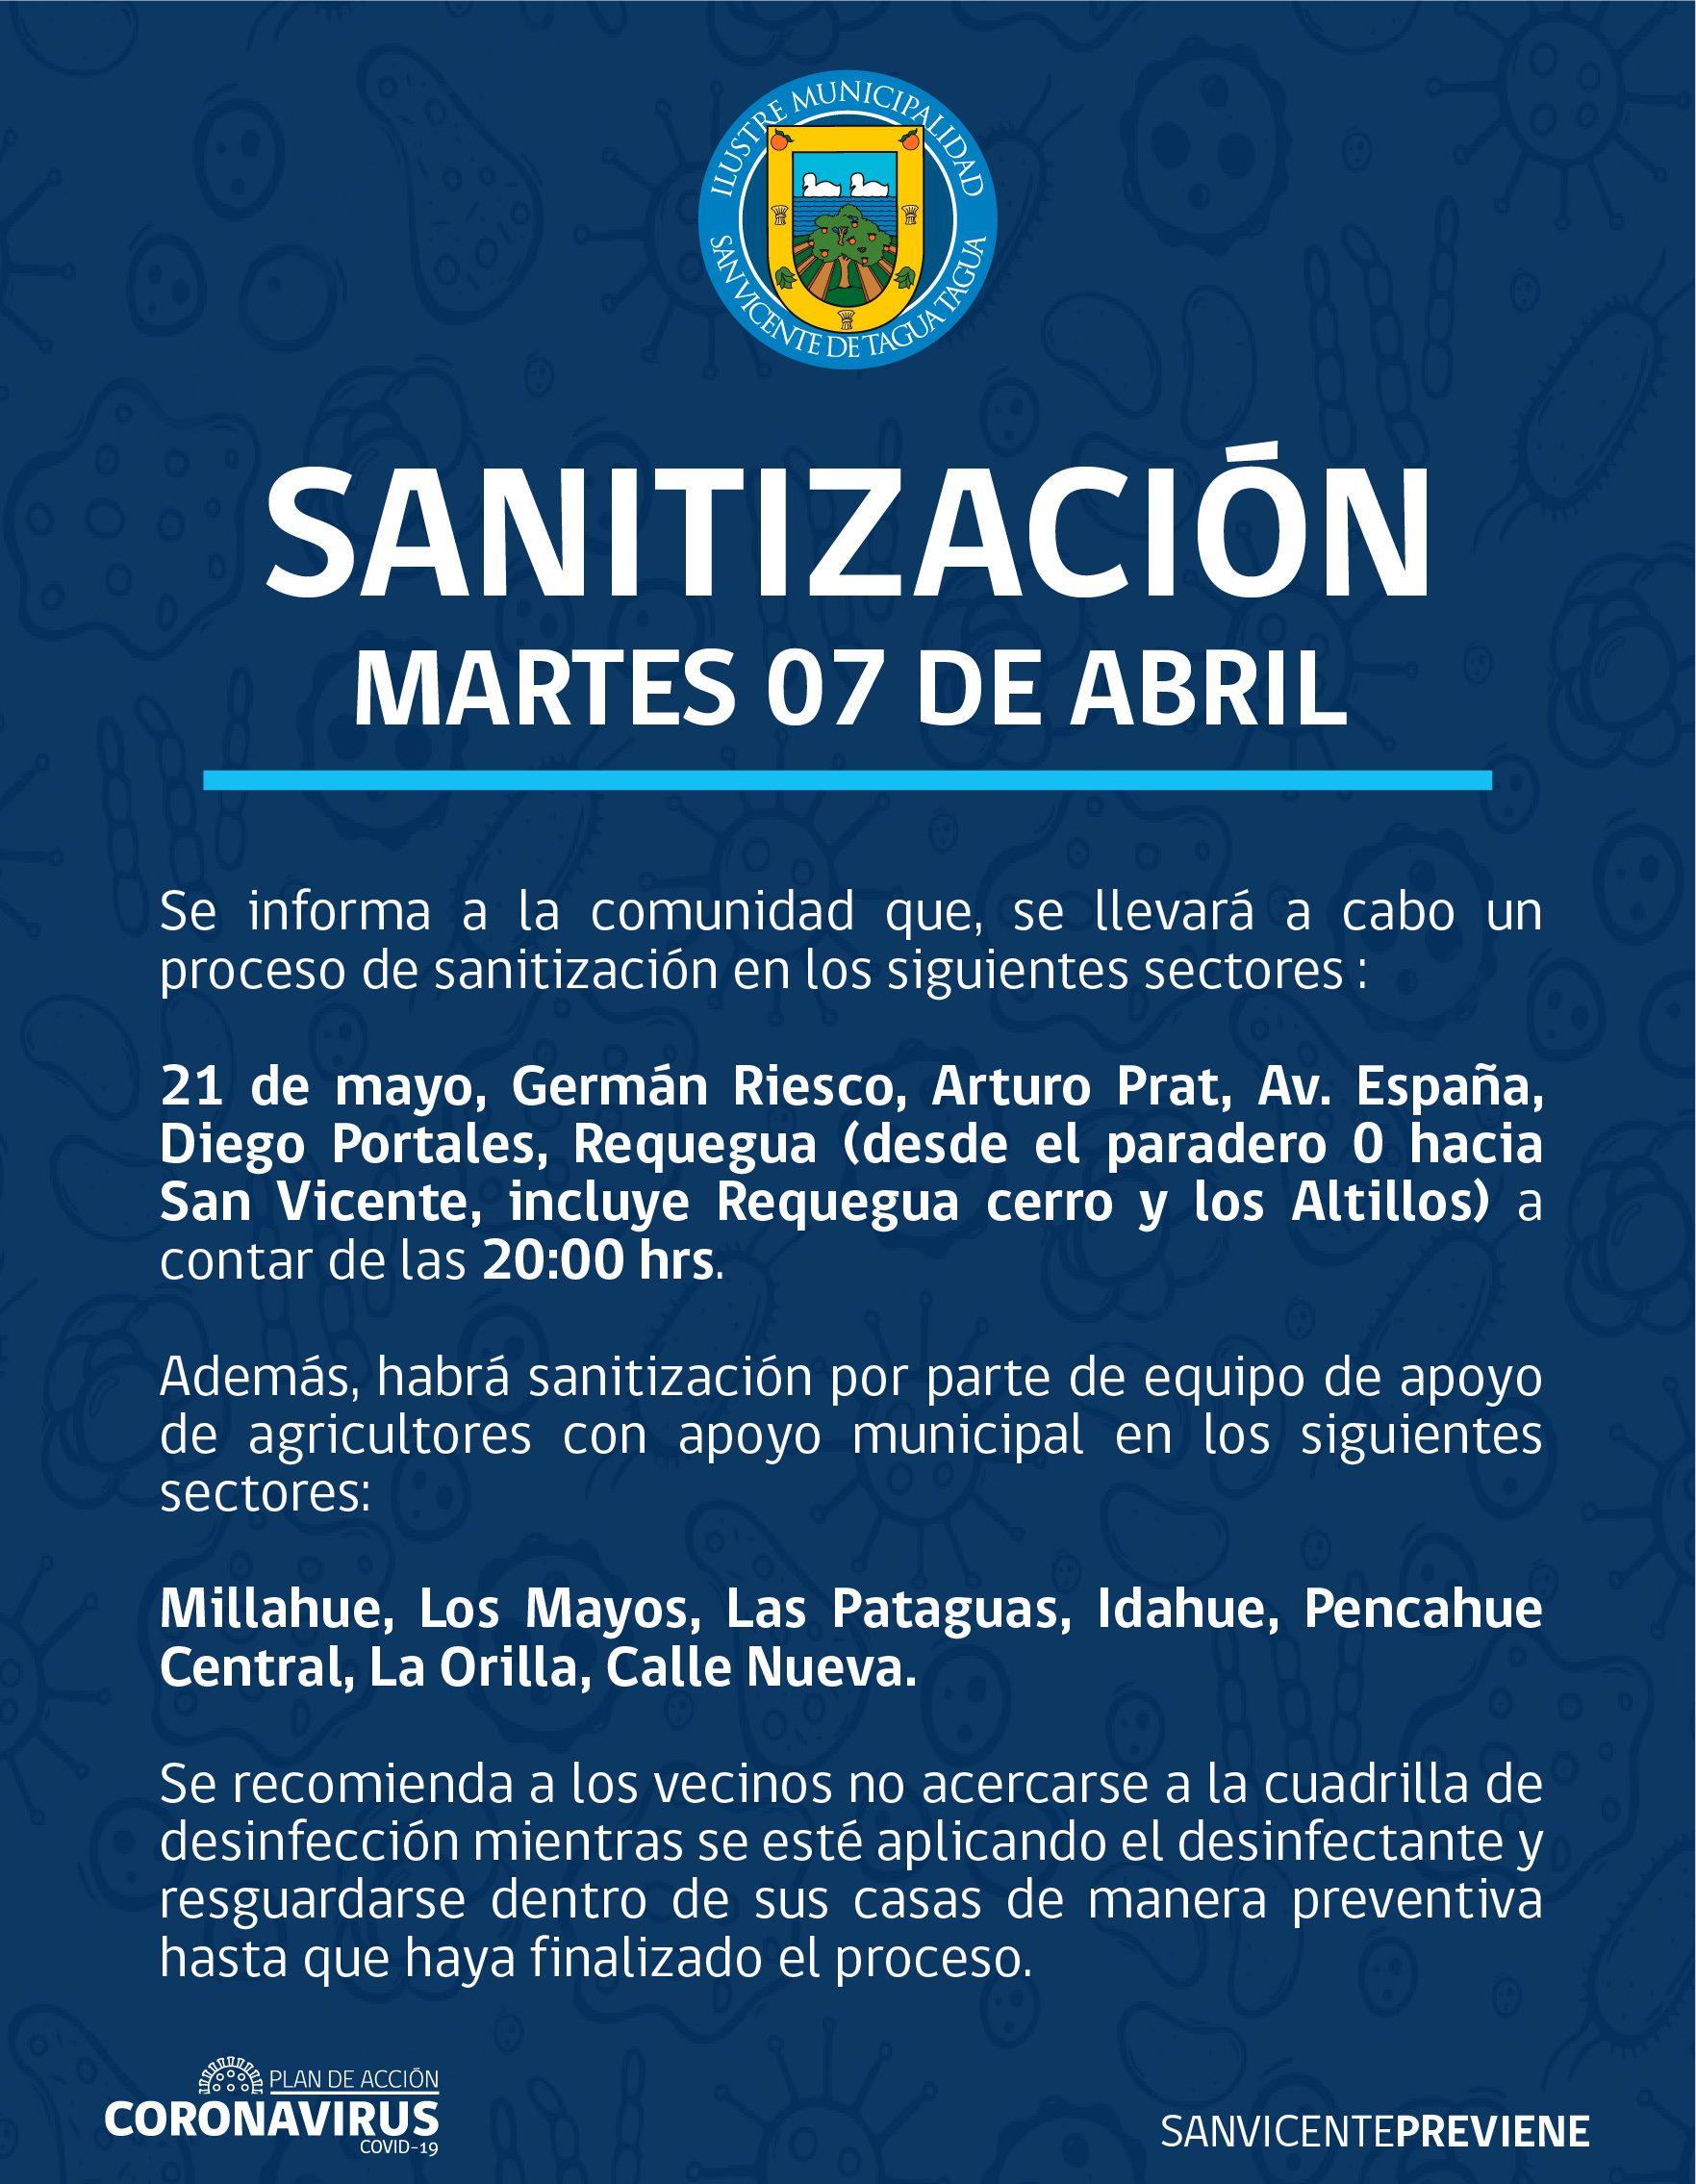 SE INFORMA SANITIZACIÓN PROGRAMADA PARA HOY MARTES 7 DE ABRIL